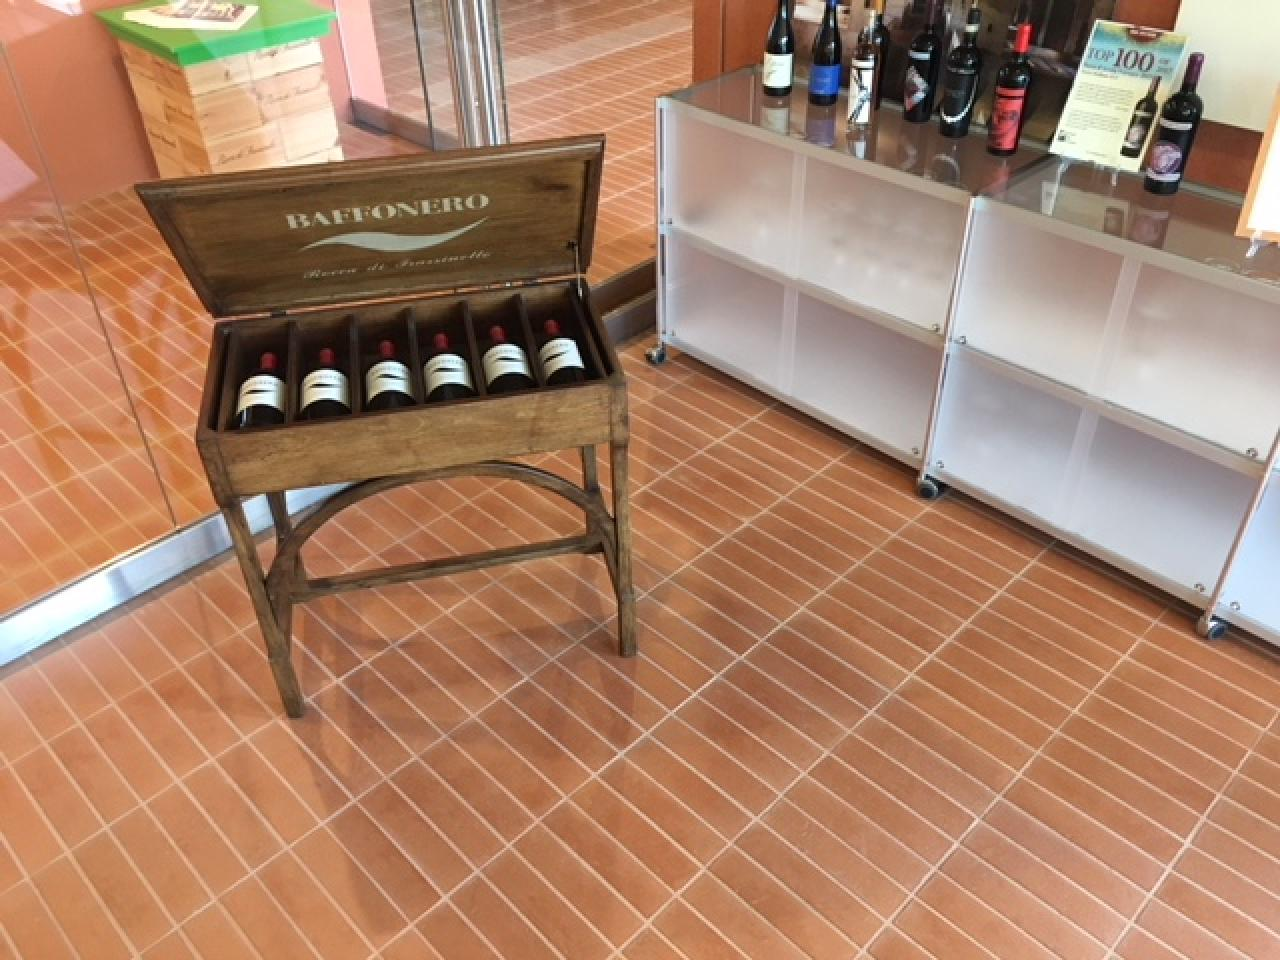 Pavimento per cantina vinicola le 3 piastrelle migliori fratelli